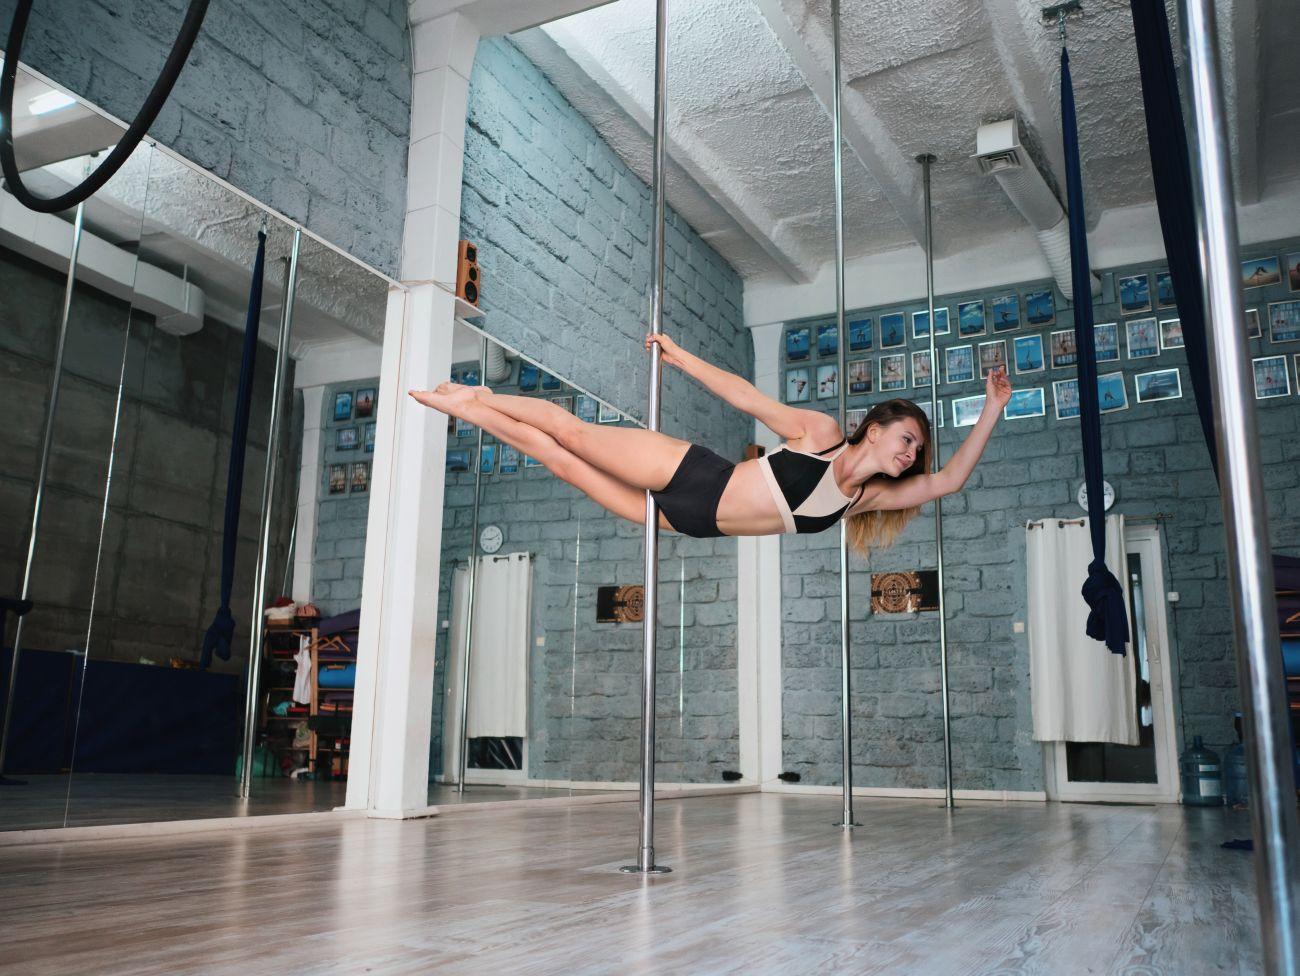 Festa de pole dance vai dar R$ 1 mil para melhor performance